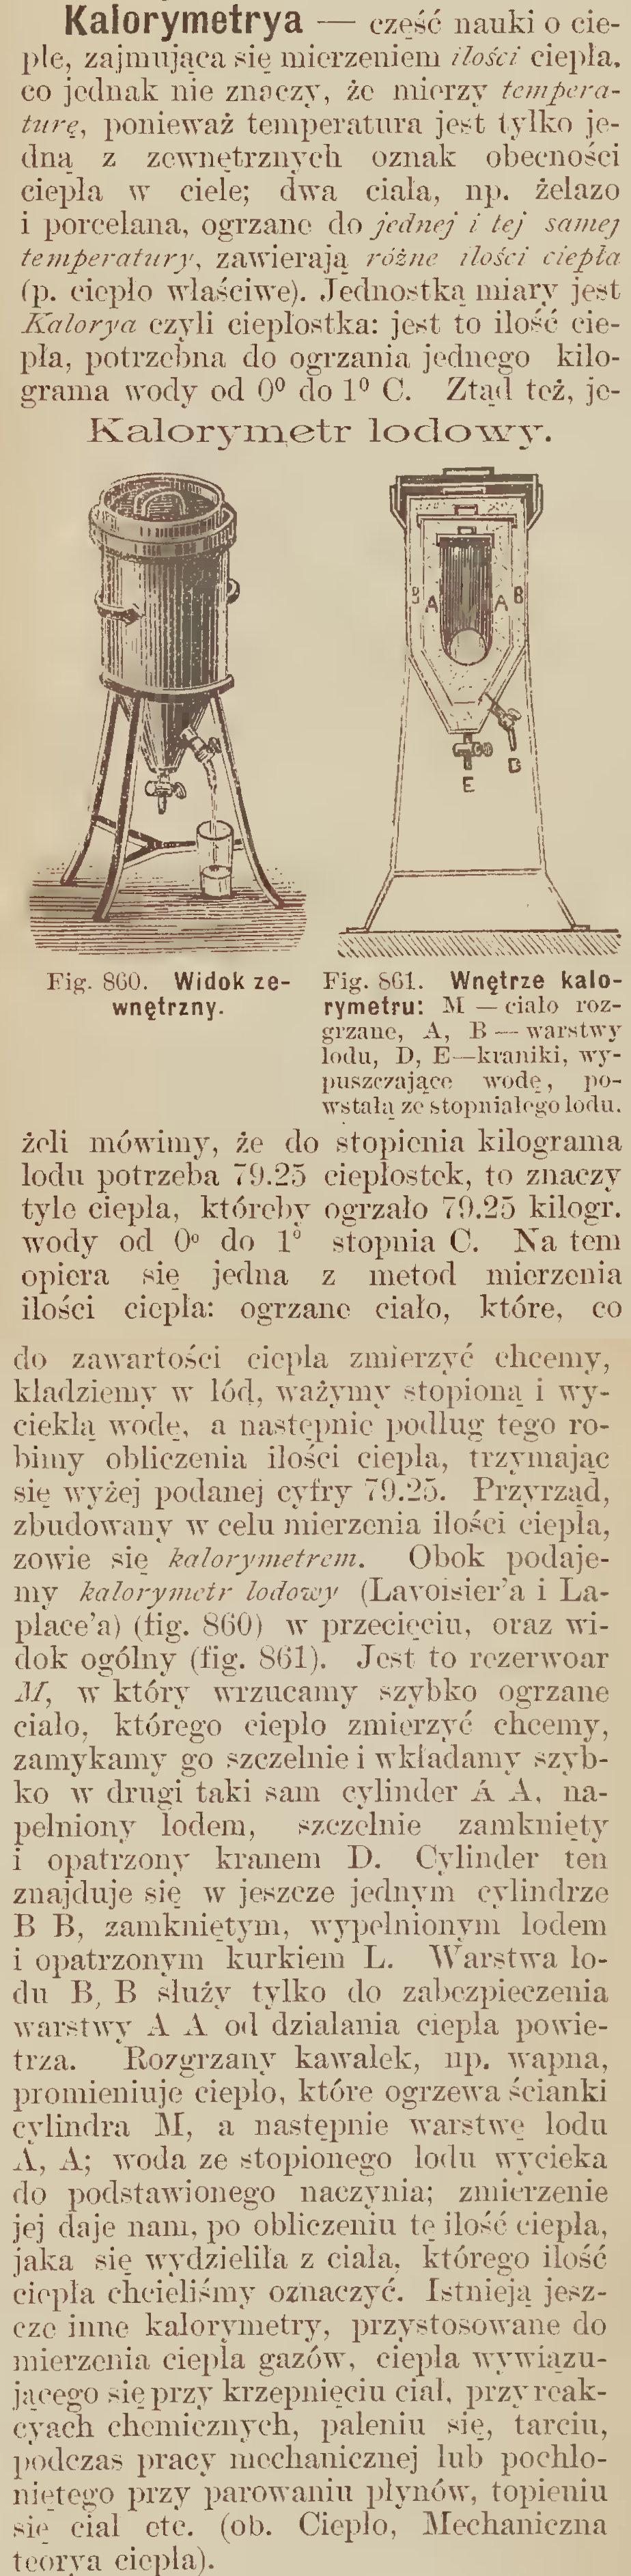 kalometrya